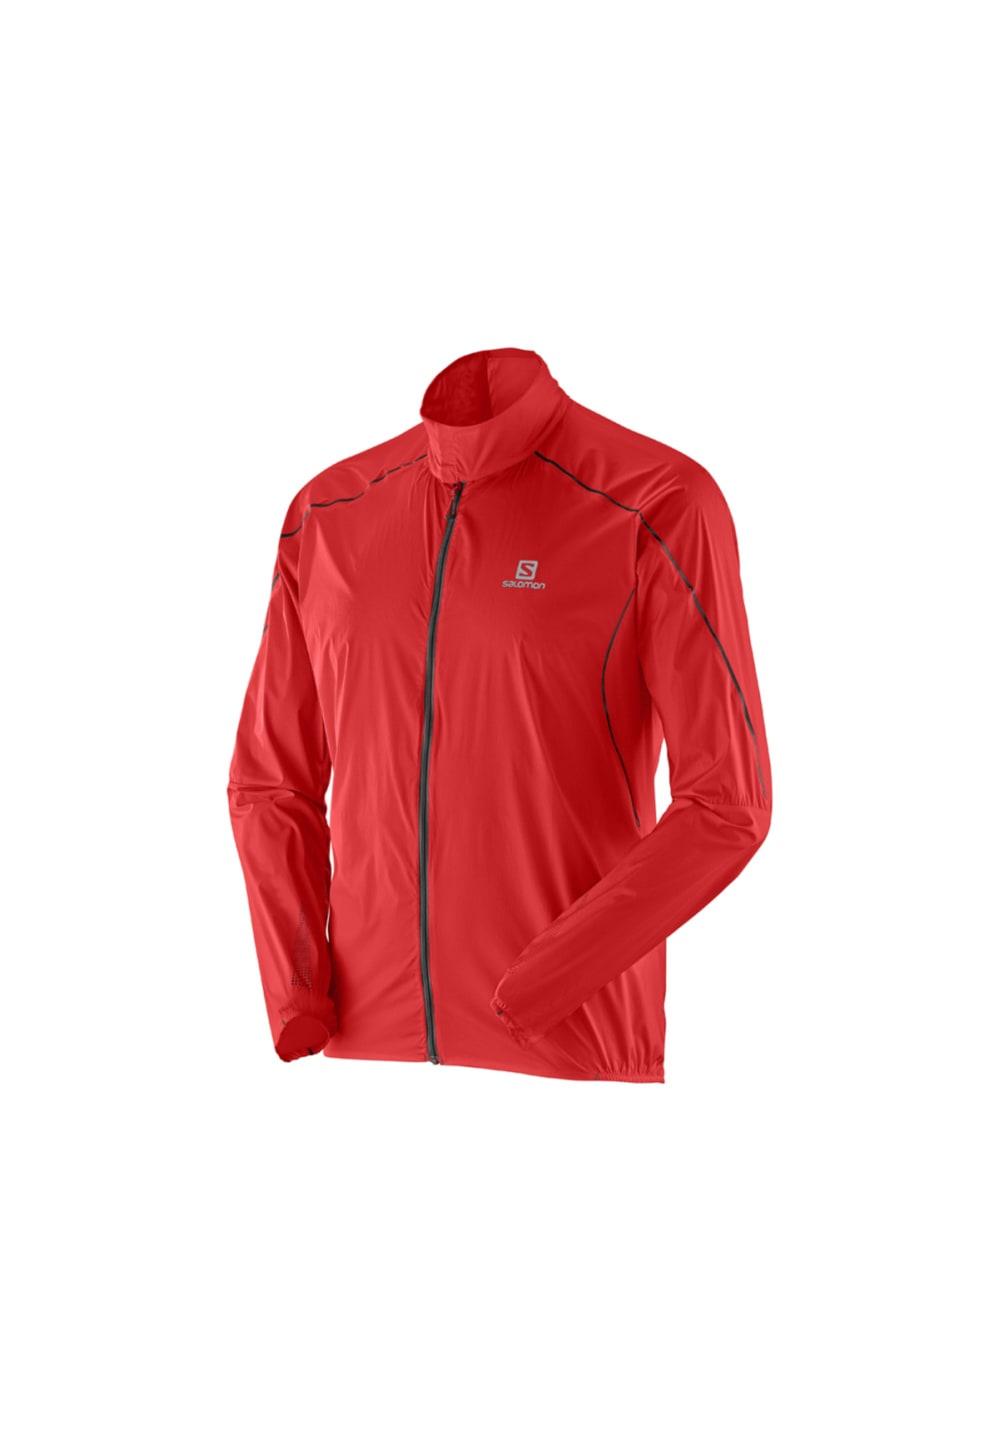 Chaquetas Hombre Lab Running S Para De Jacket Light Salomon Rojo U8TInWq5U